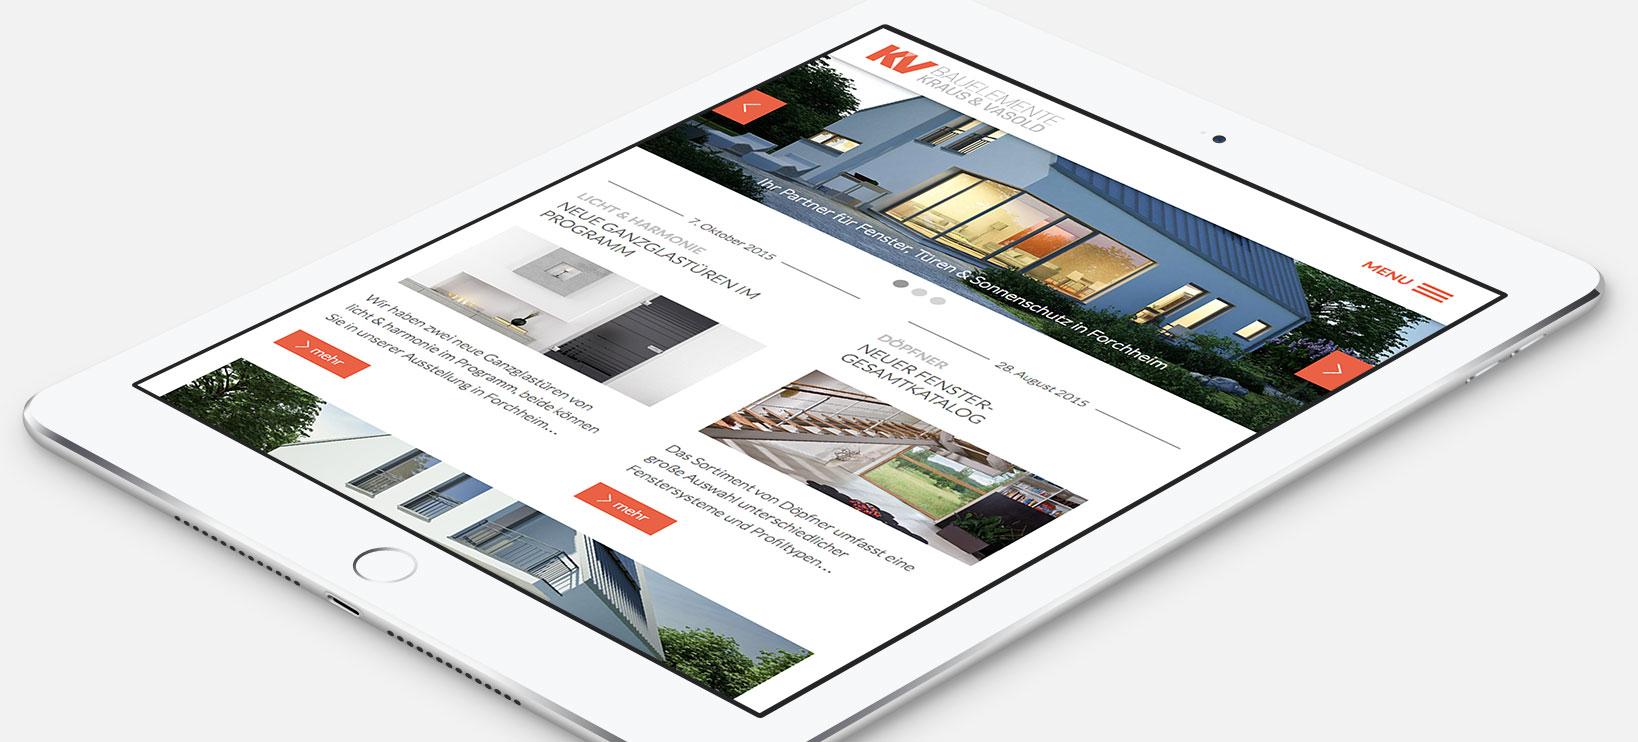 Webdesign für KV Bauelemente in Forchheim